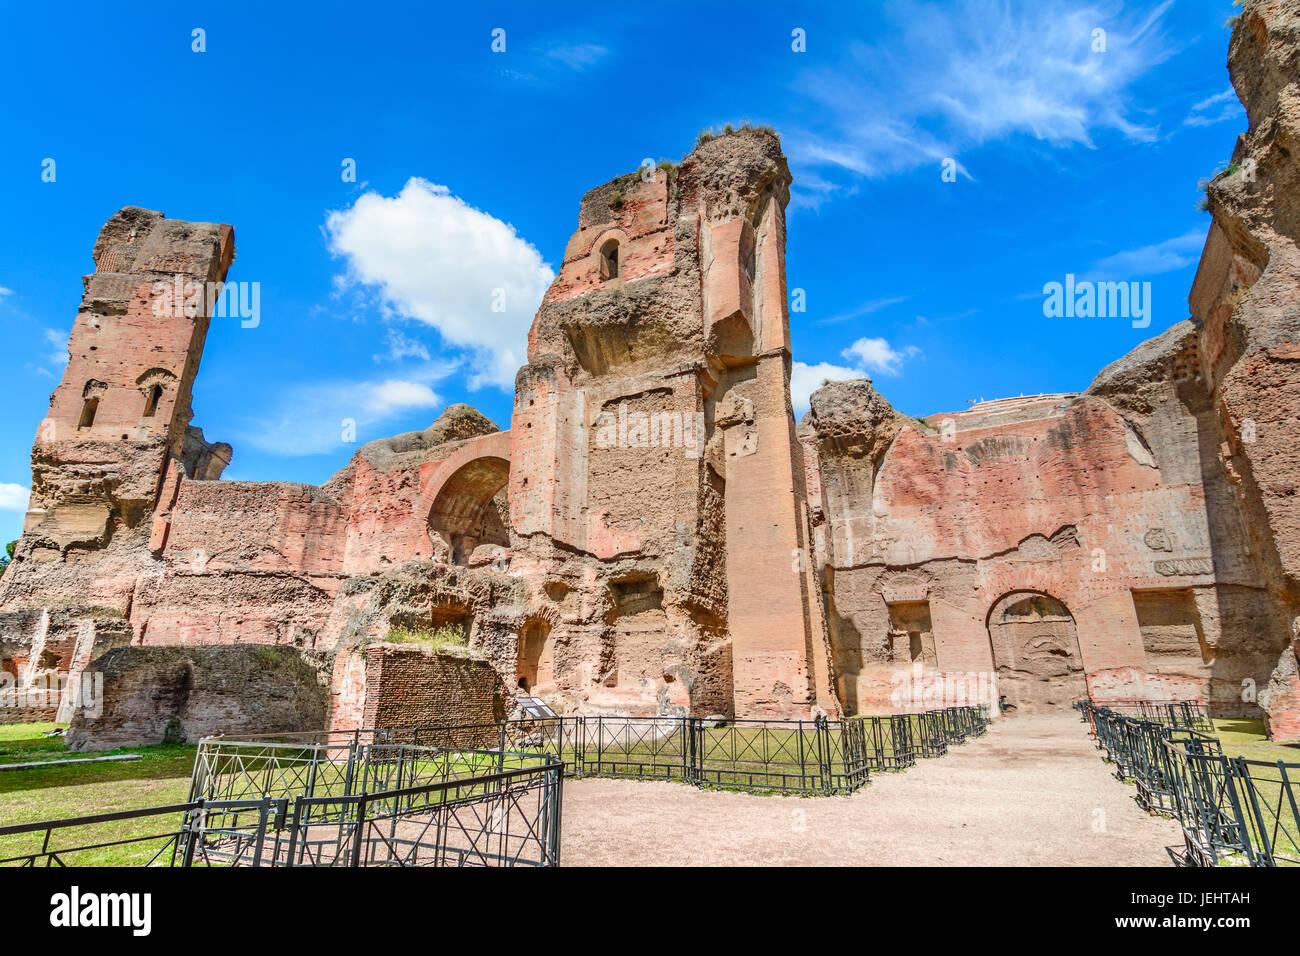 Terme di caracalla oder die Bäder von Caracalla in Rom, Italien, waren an zweiter Stelle der Stadt größte Stockbild